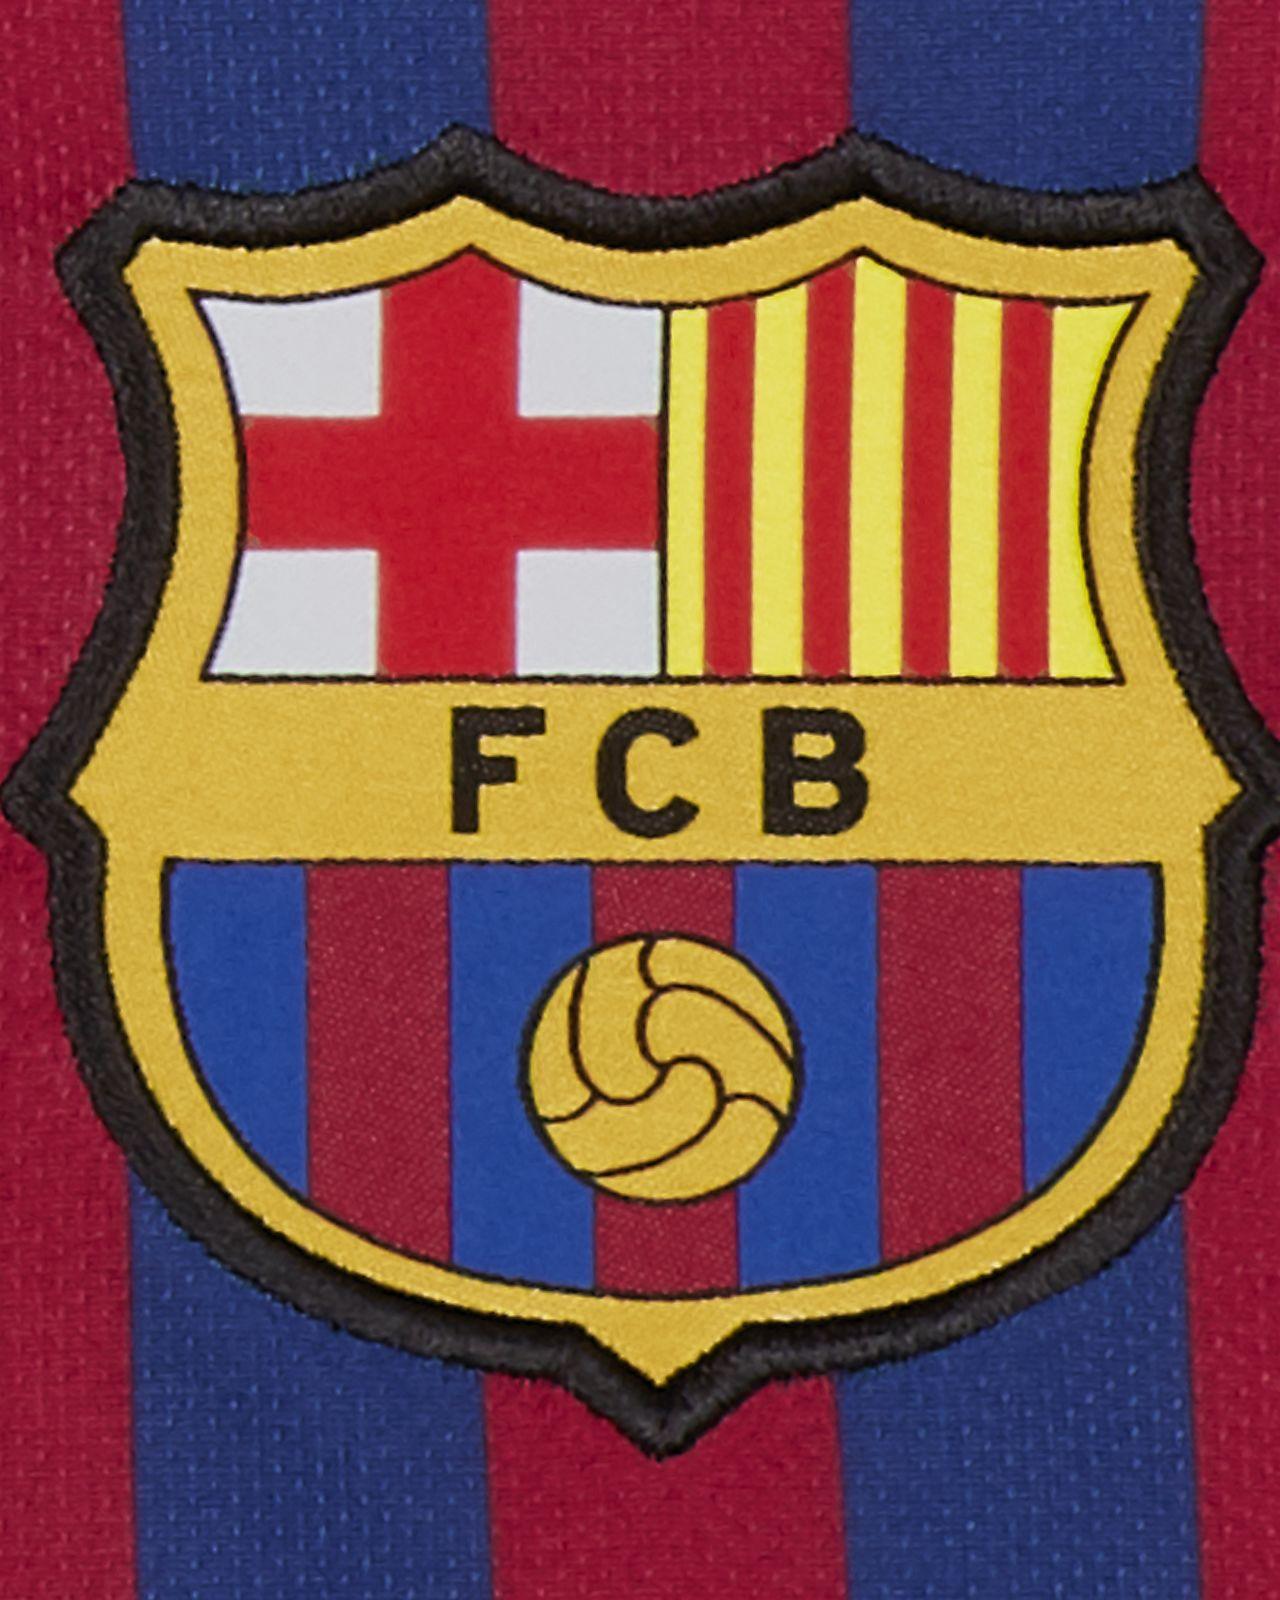 119be625dc6 2018/19 FC Barcelona Stadium Home Men's Football Shirt. Nike.com AU